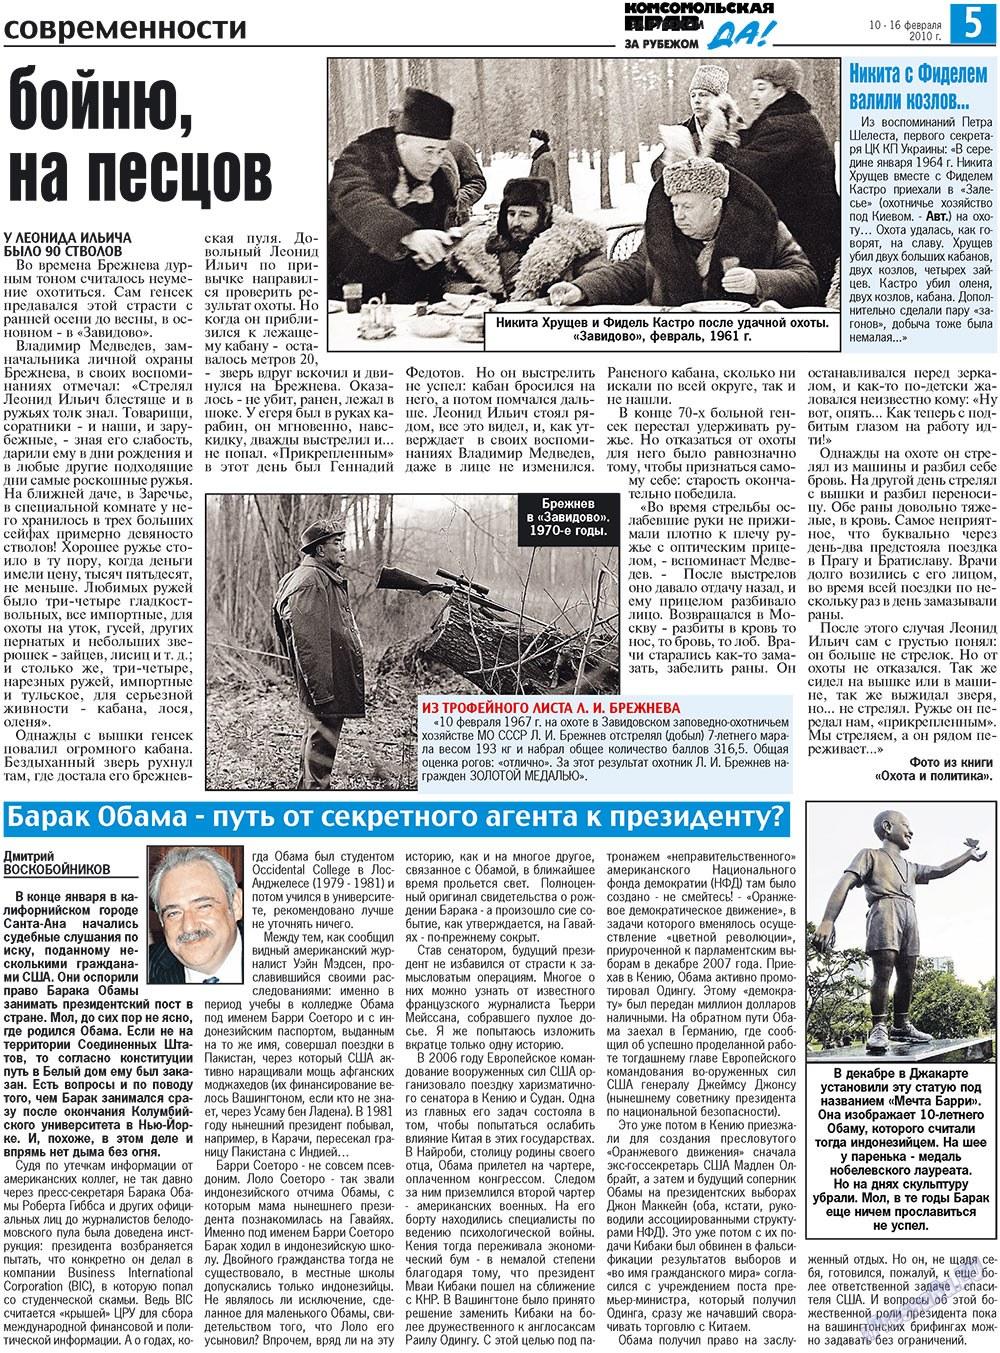 Наша Газета Ирландия (газета). 2010 год, номер 6, стр. 13